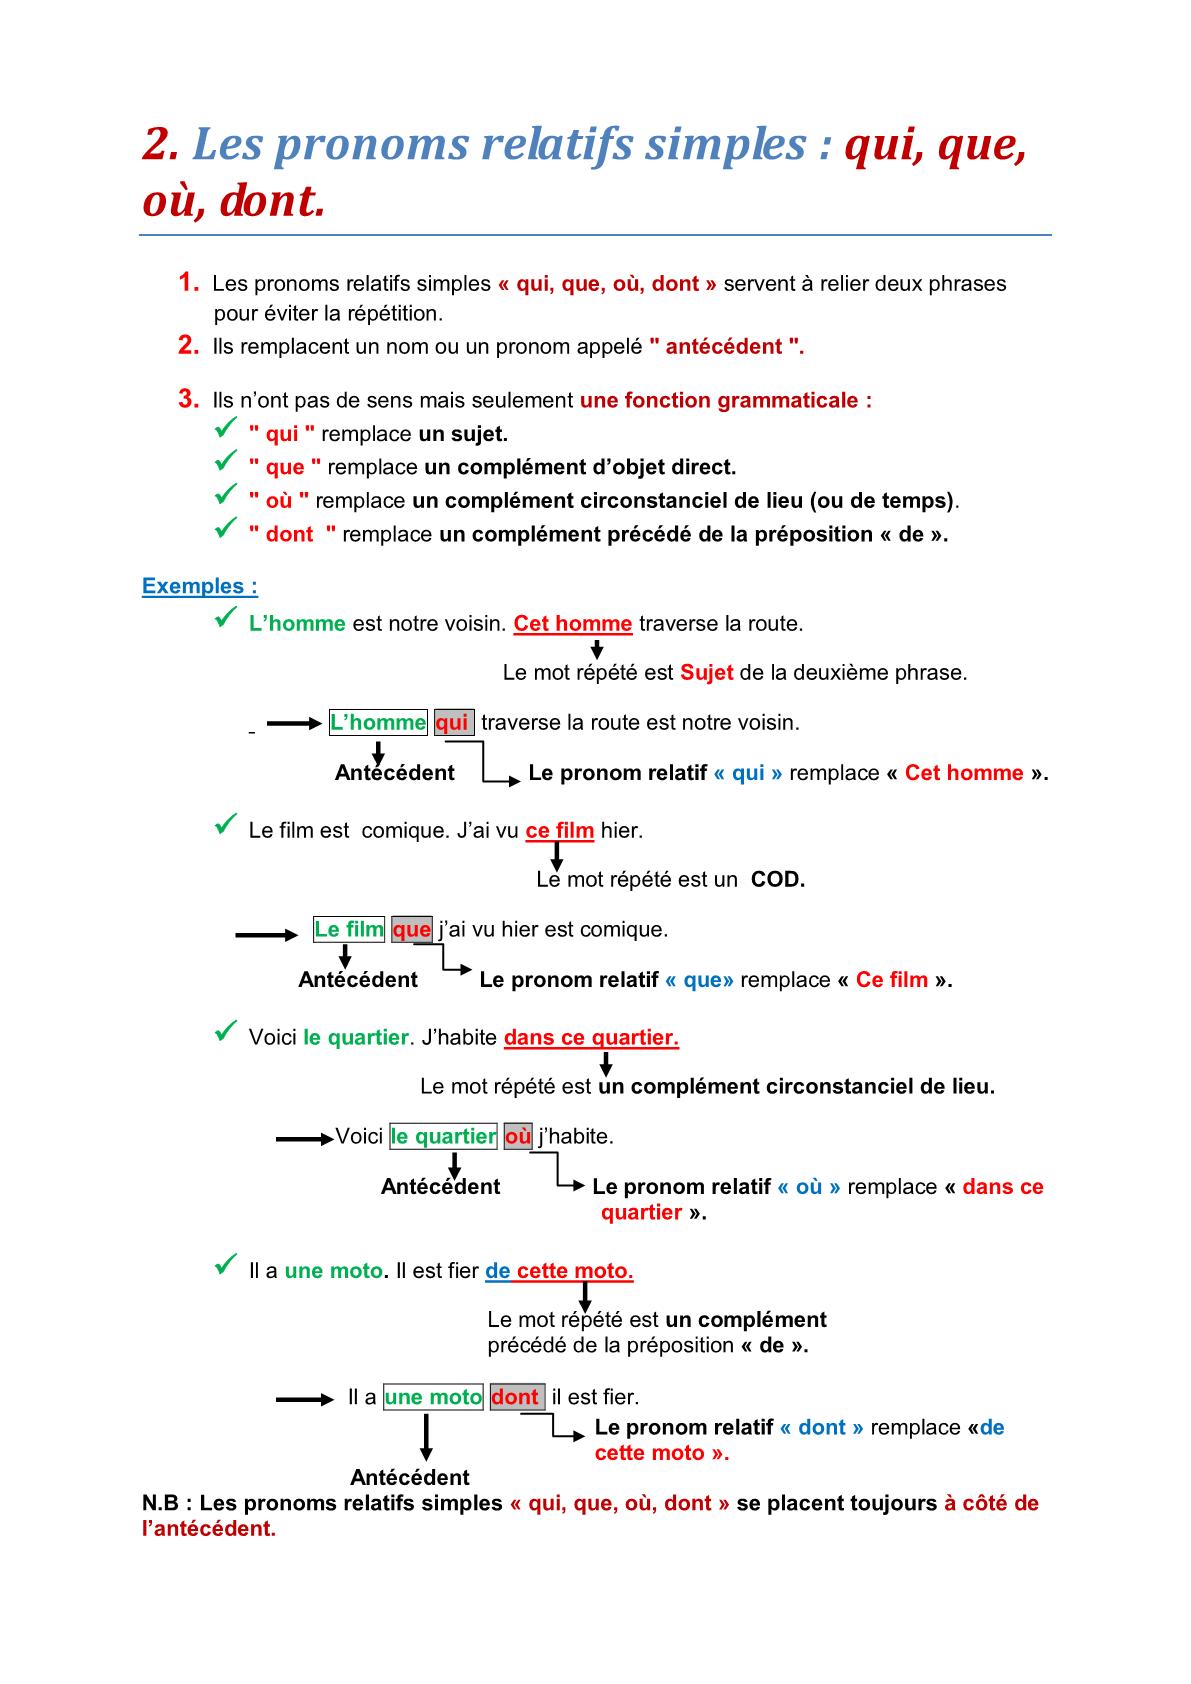 تحميل درس Les pronoms relatifs simples: qui, que, où, dont – اللغة الفرنسية